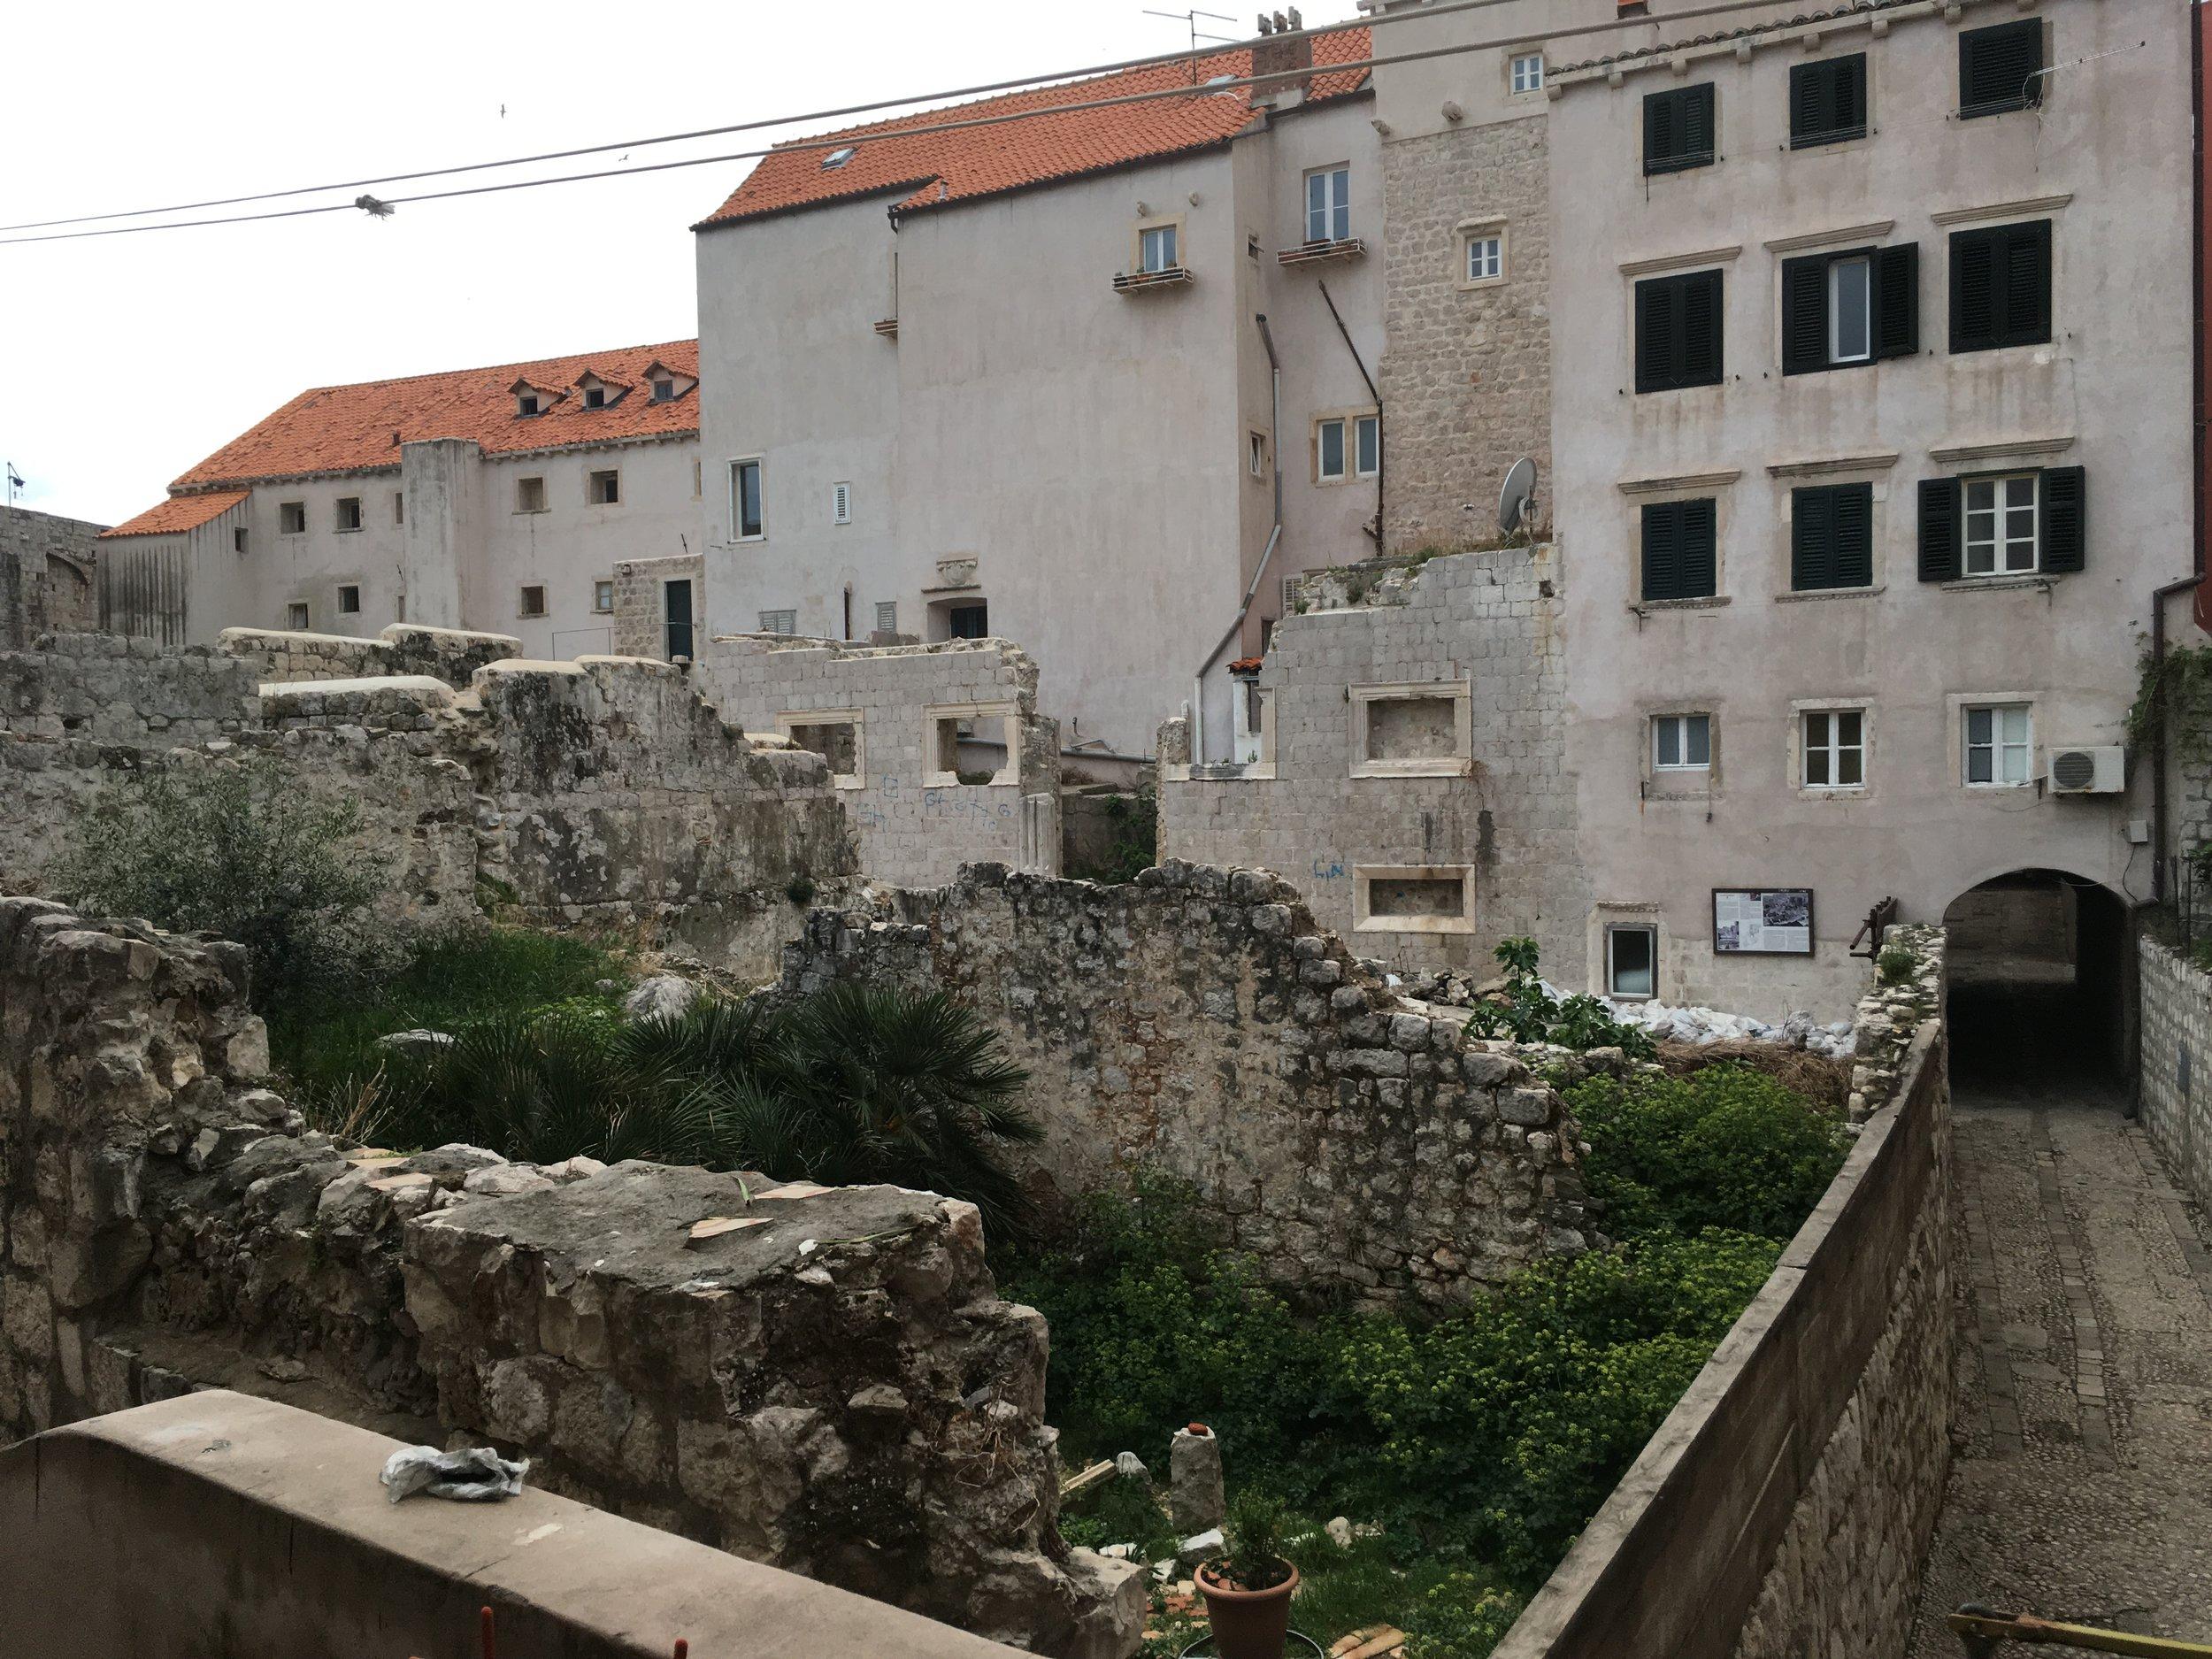 The view from Renata's front door